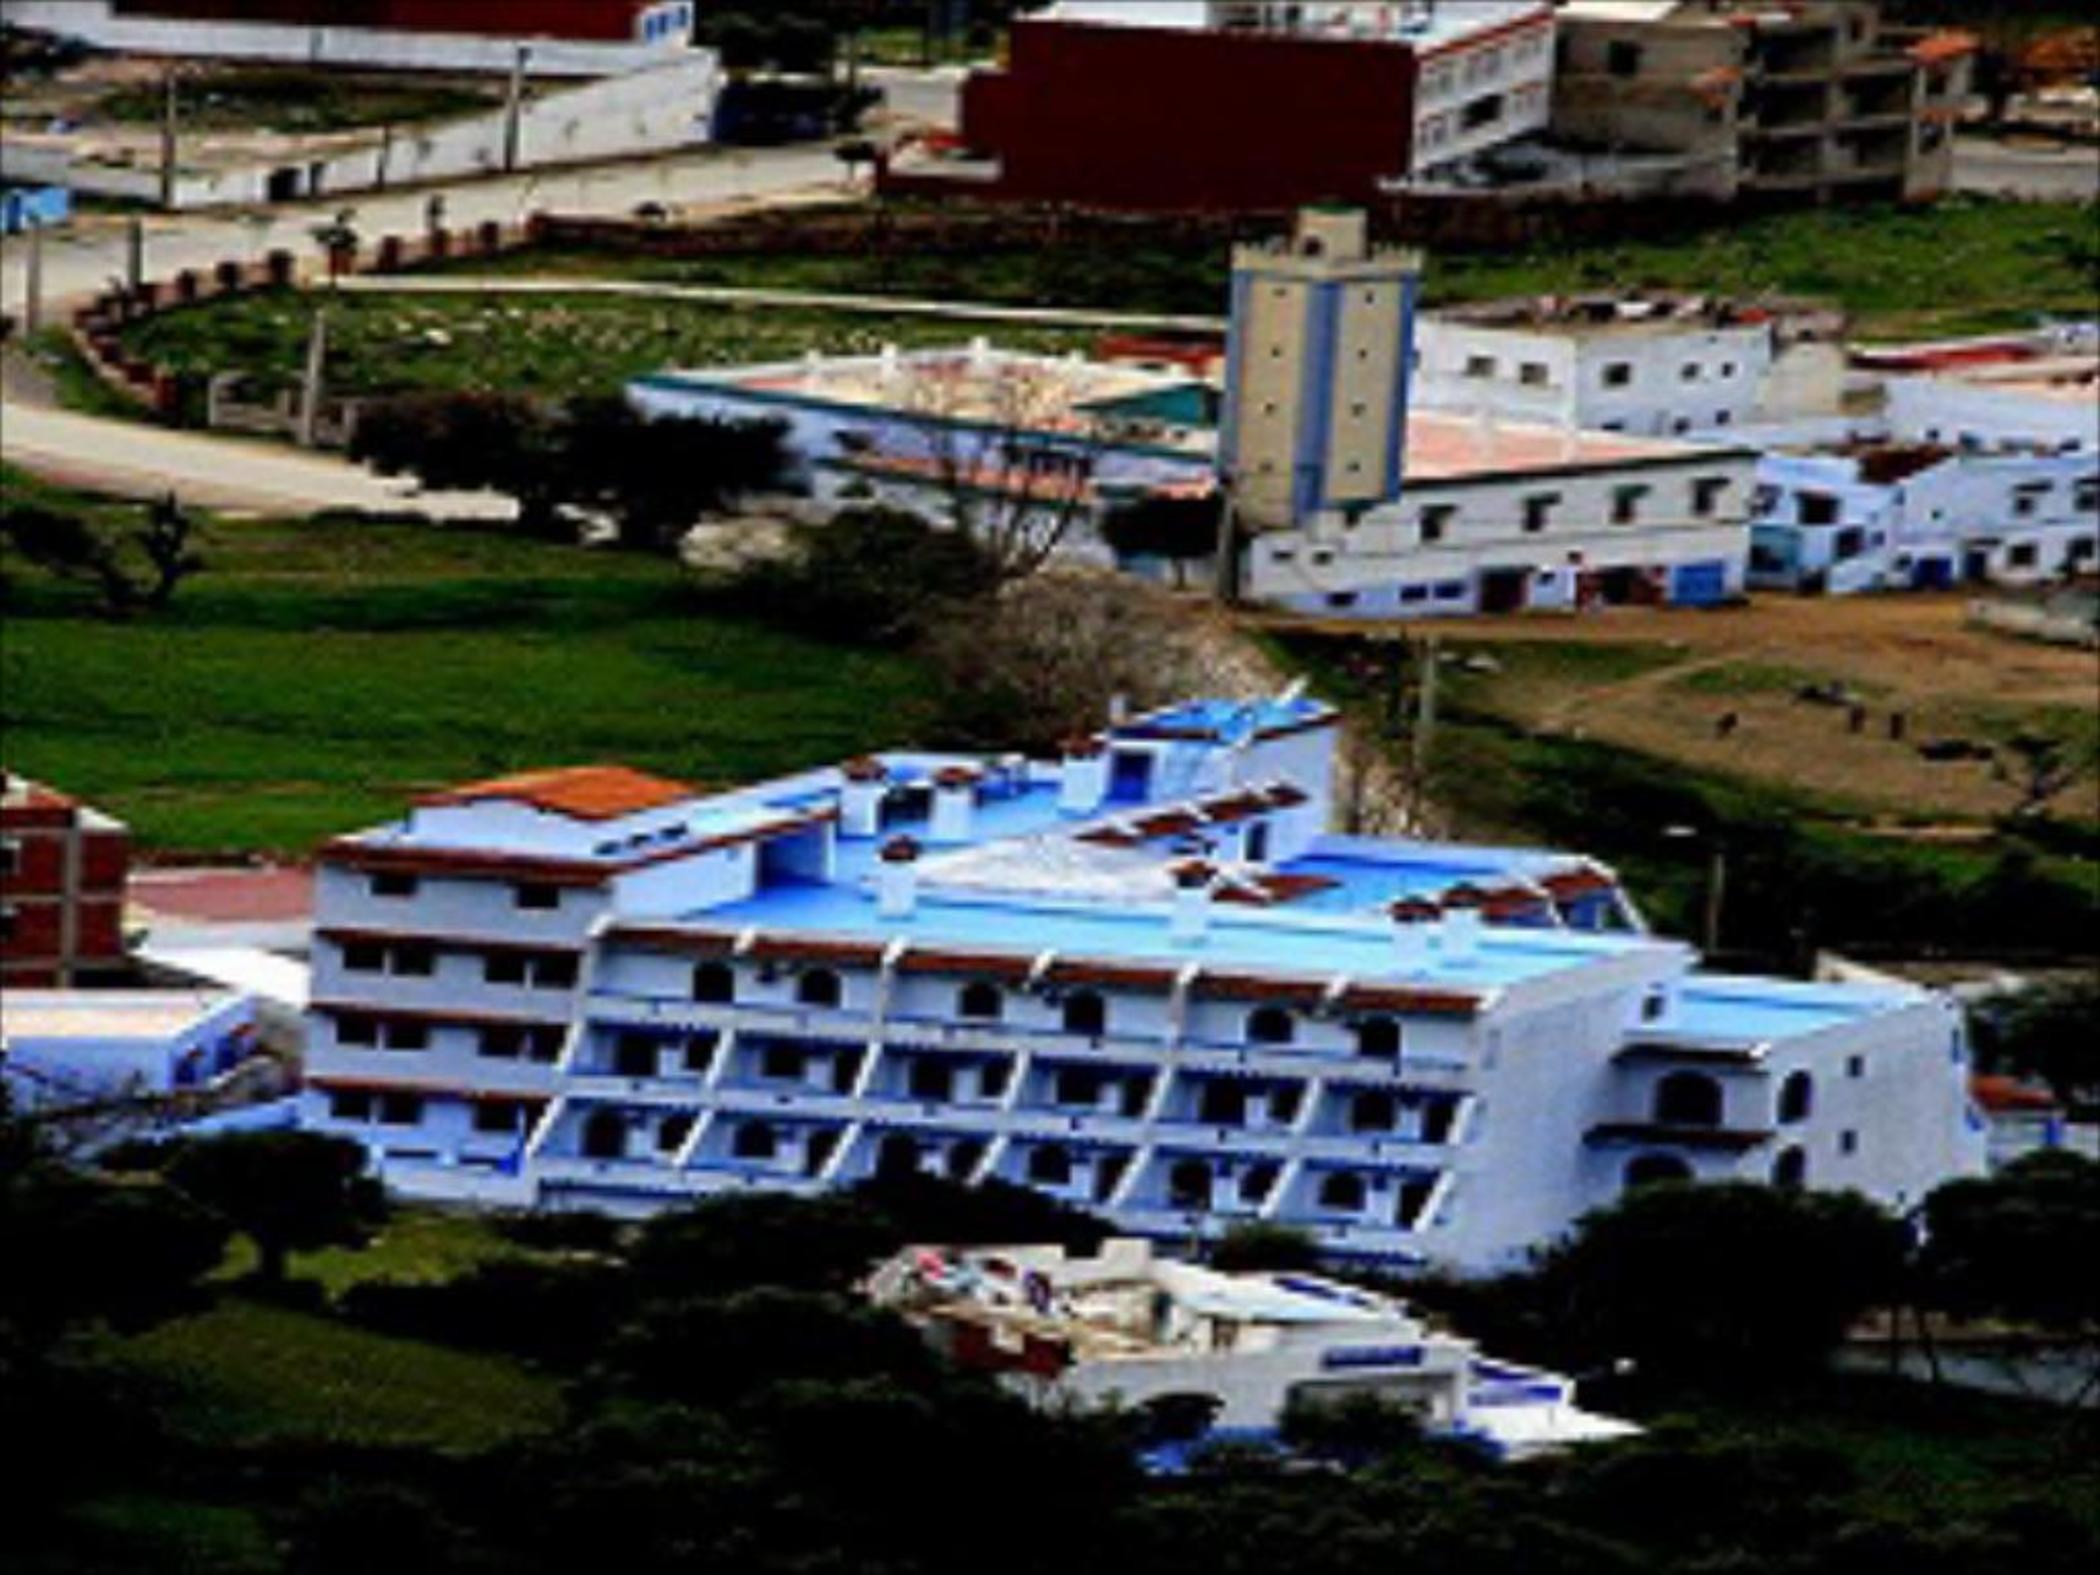 Hotel Loubar, Chefchaouen